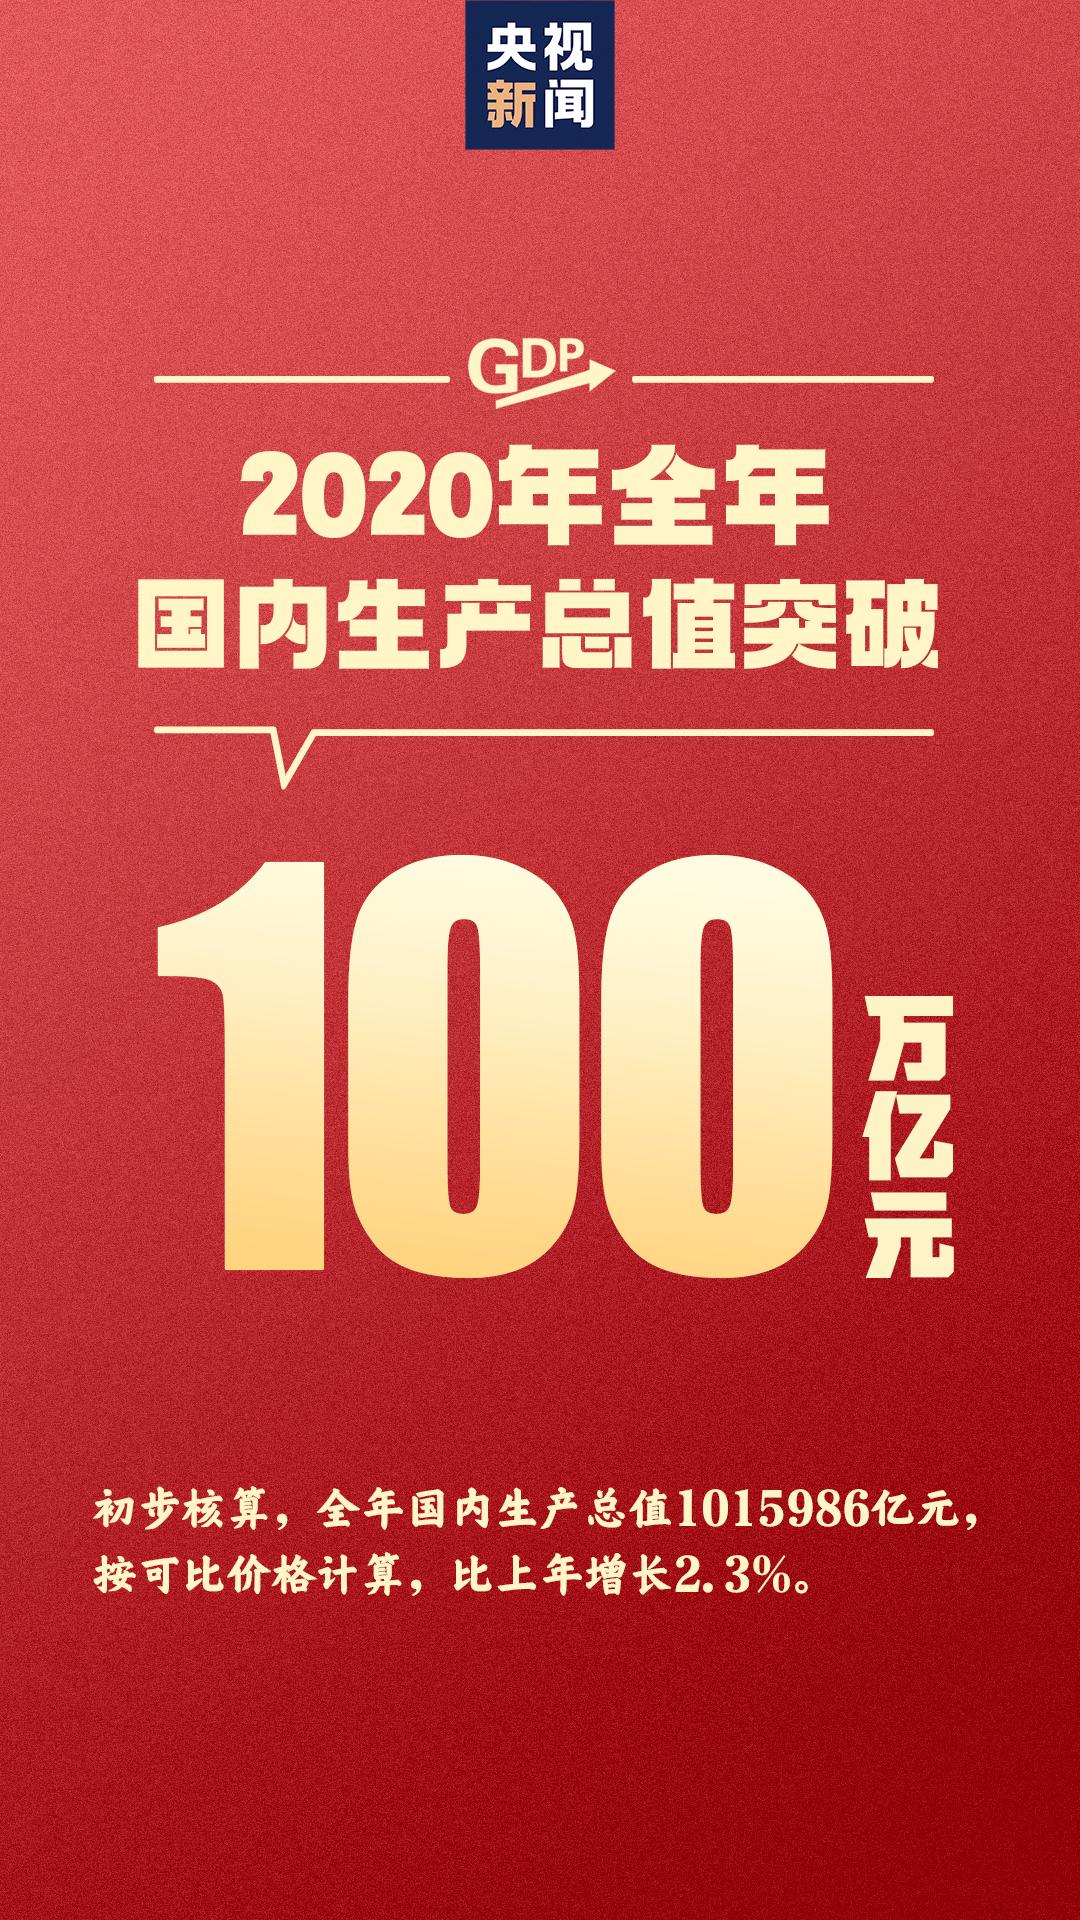 2020年经济总量翻一翻_2020-2021跨年图片